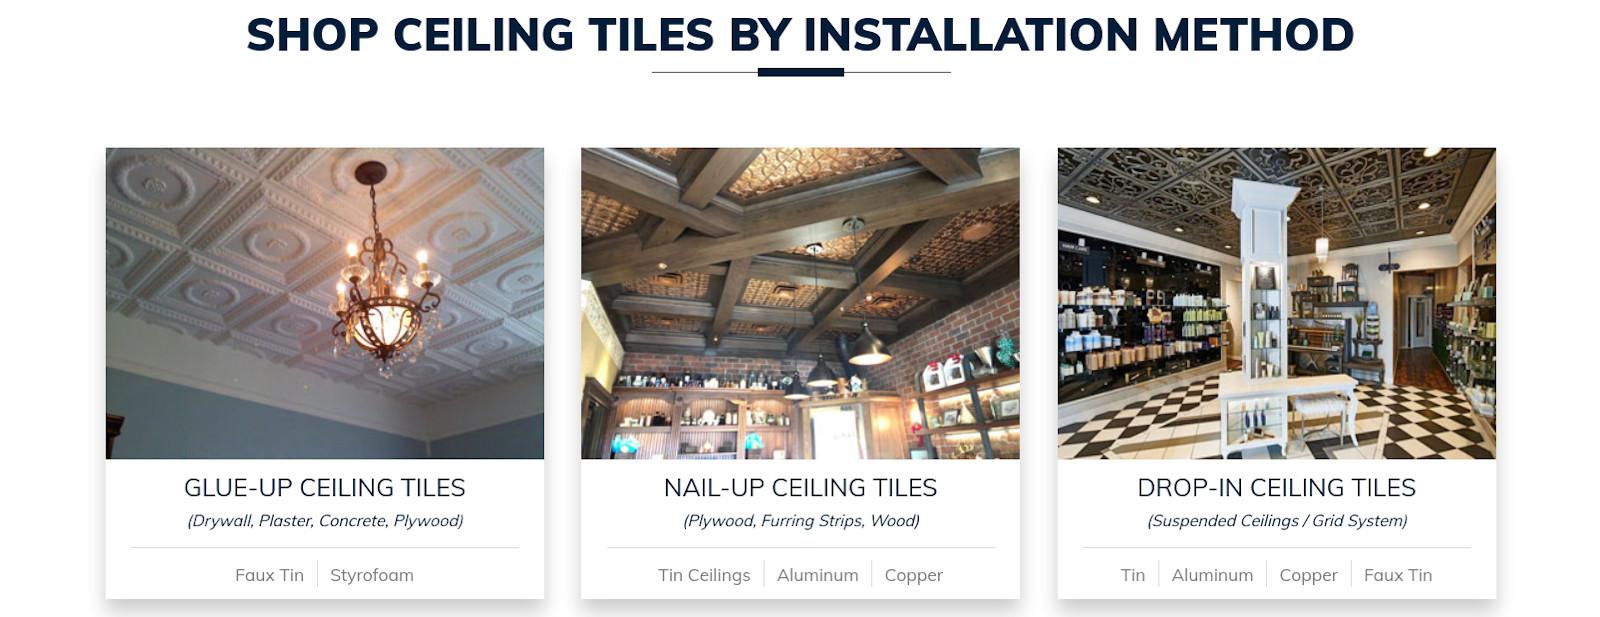 Splendid ceiling tiles